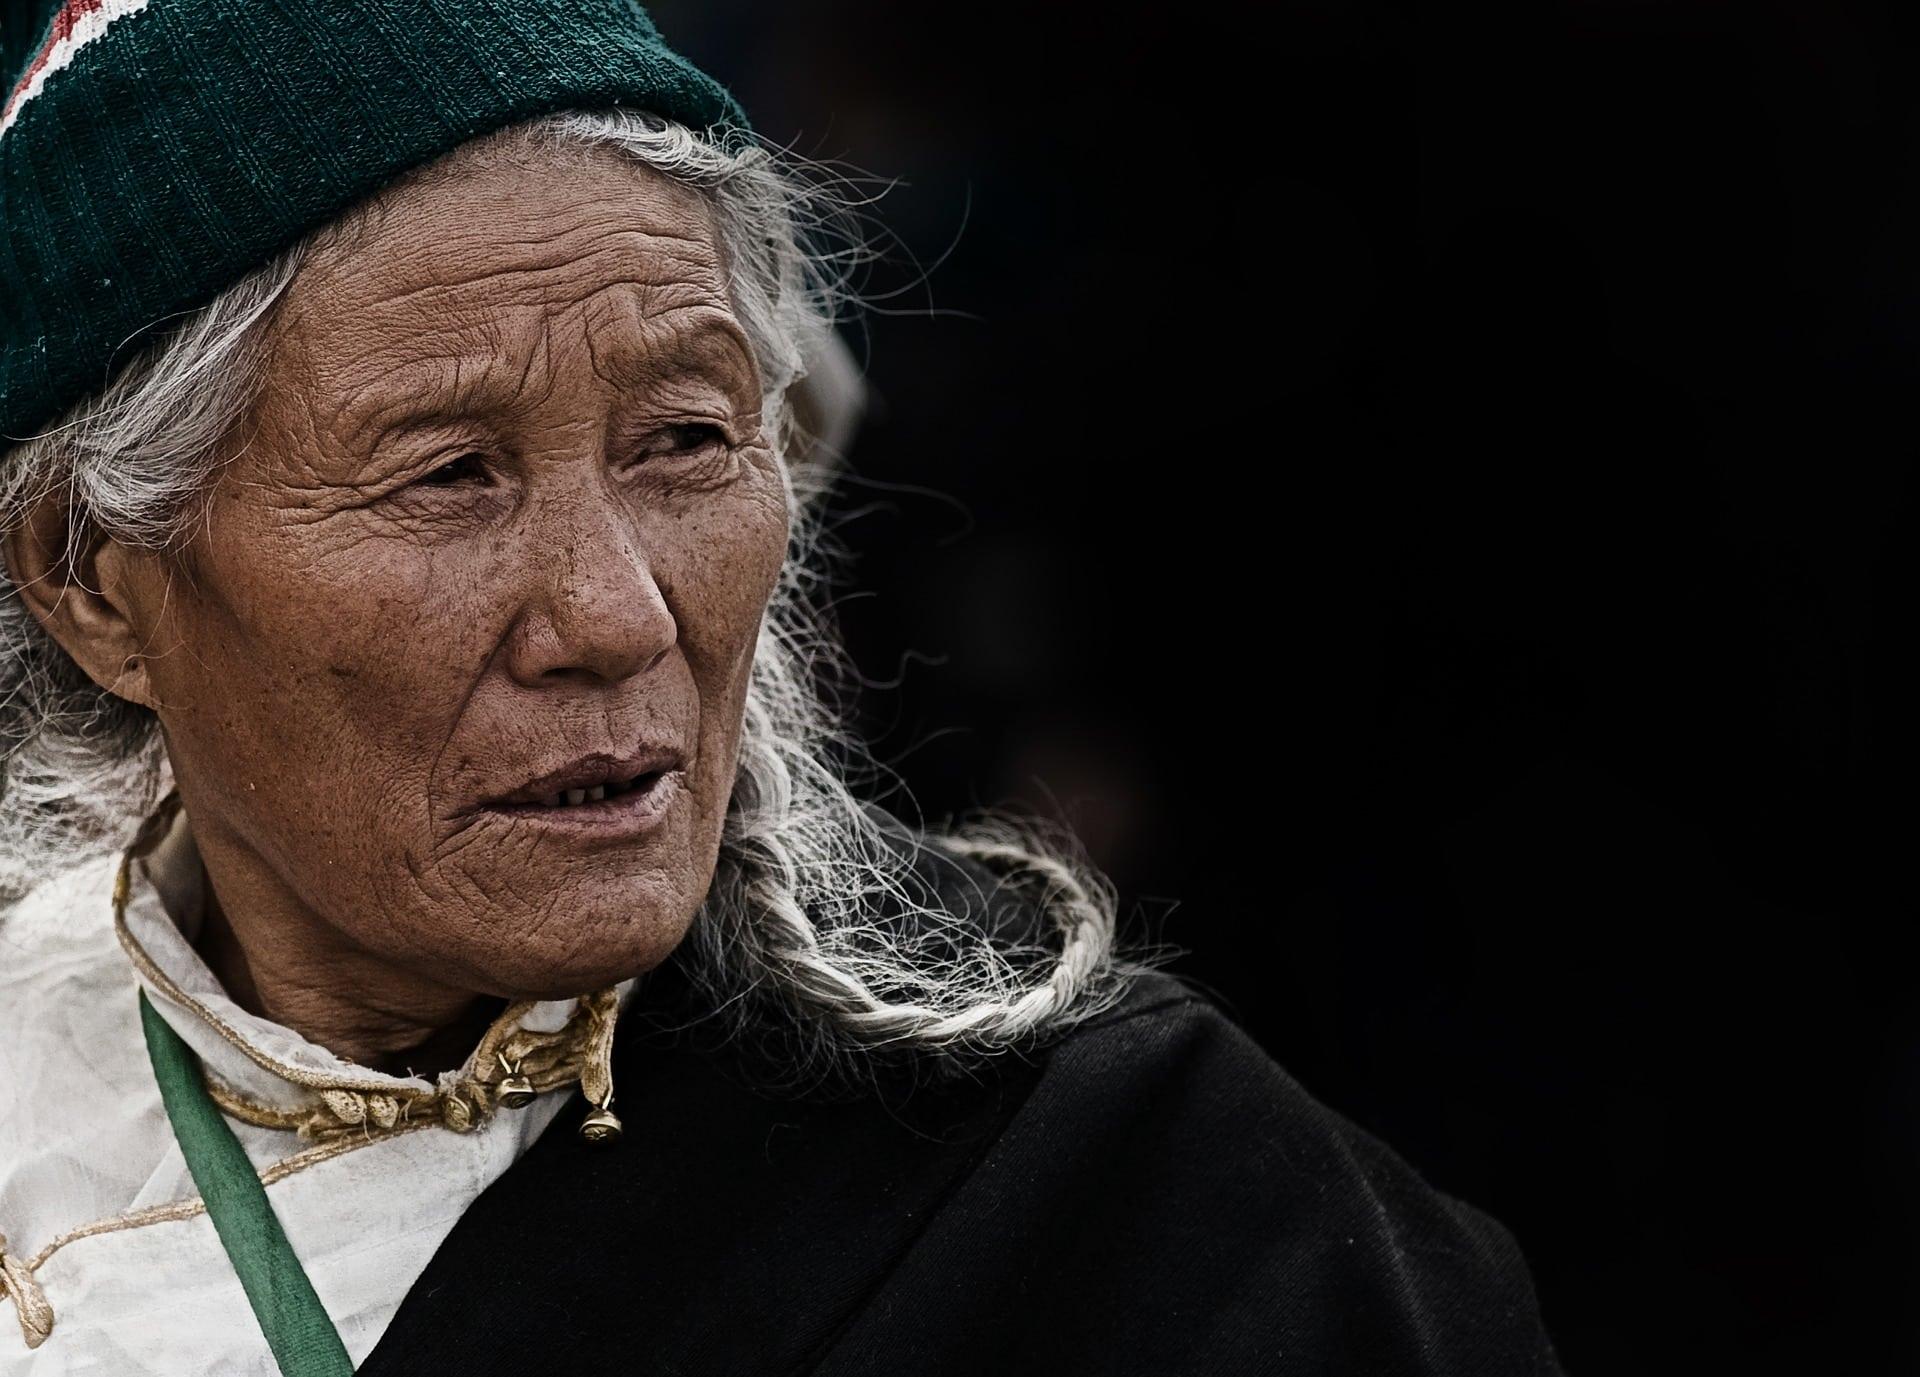 Volontariato Internazionale in Nepal per la ricerca sulla salute pubblica